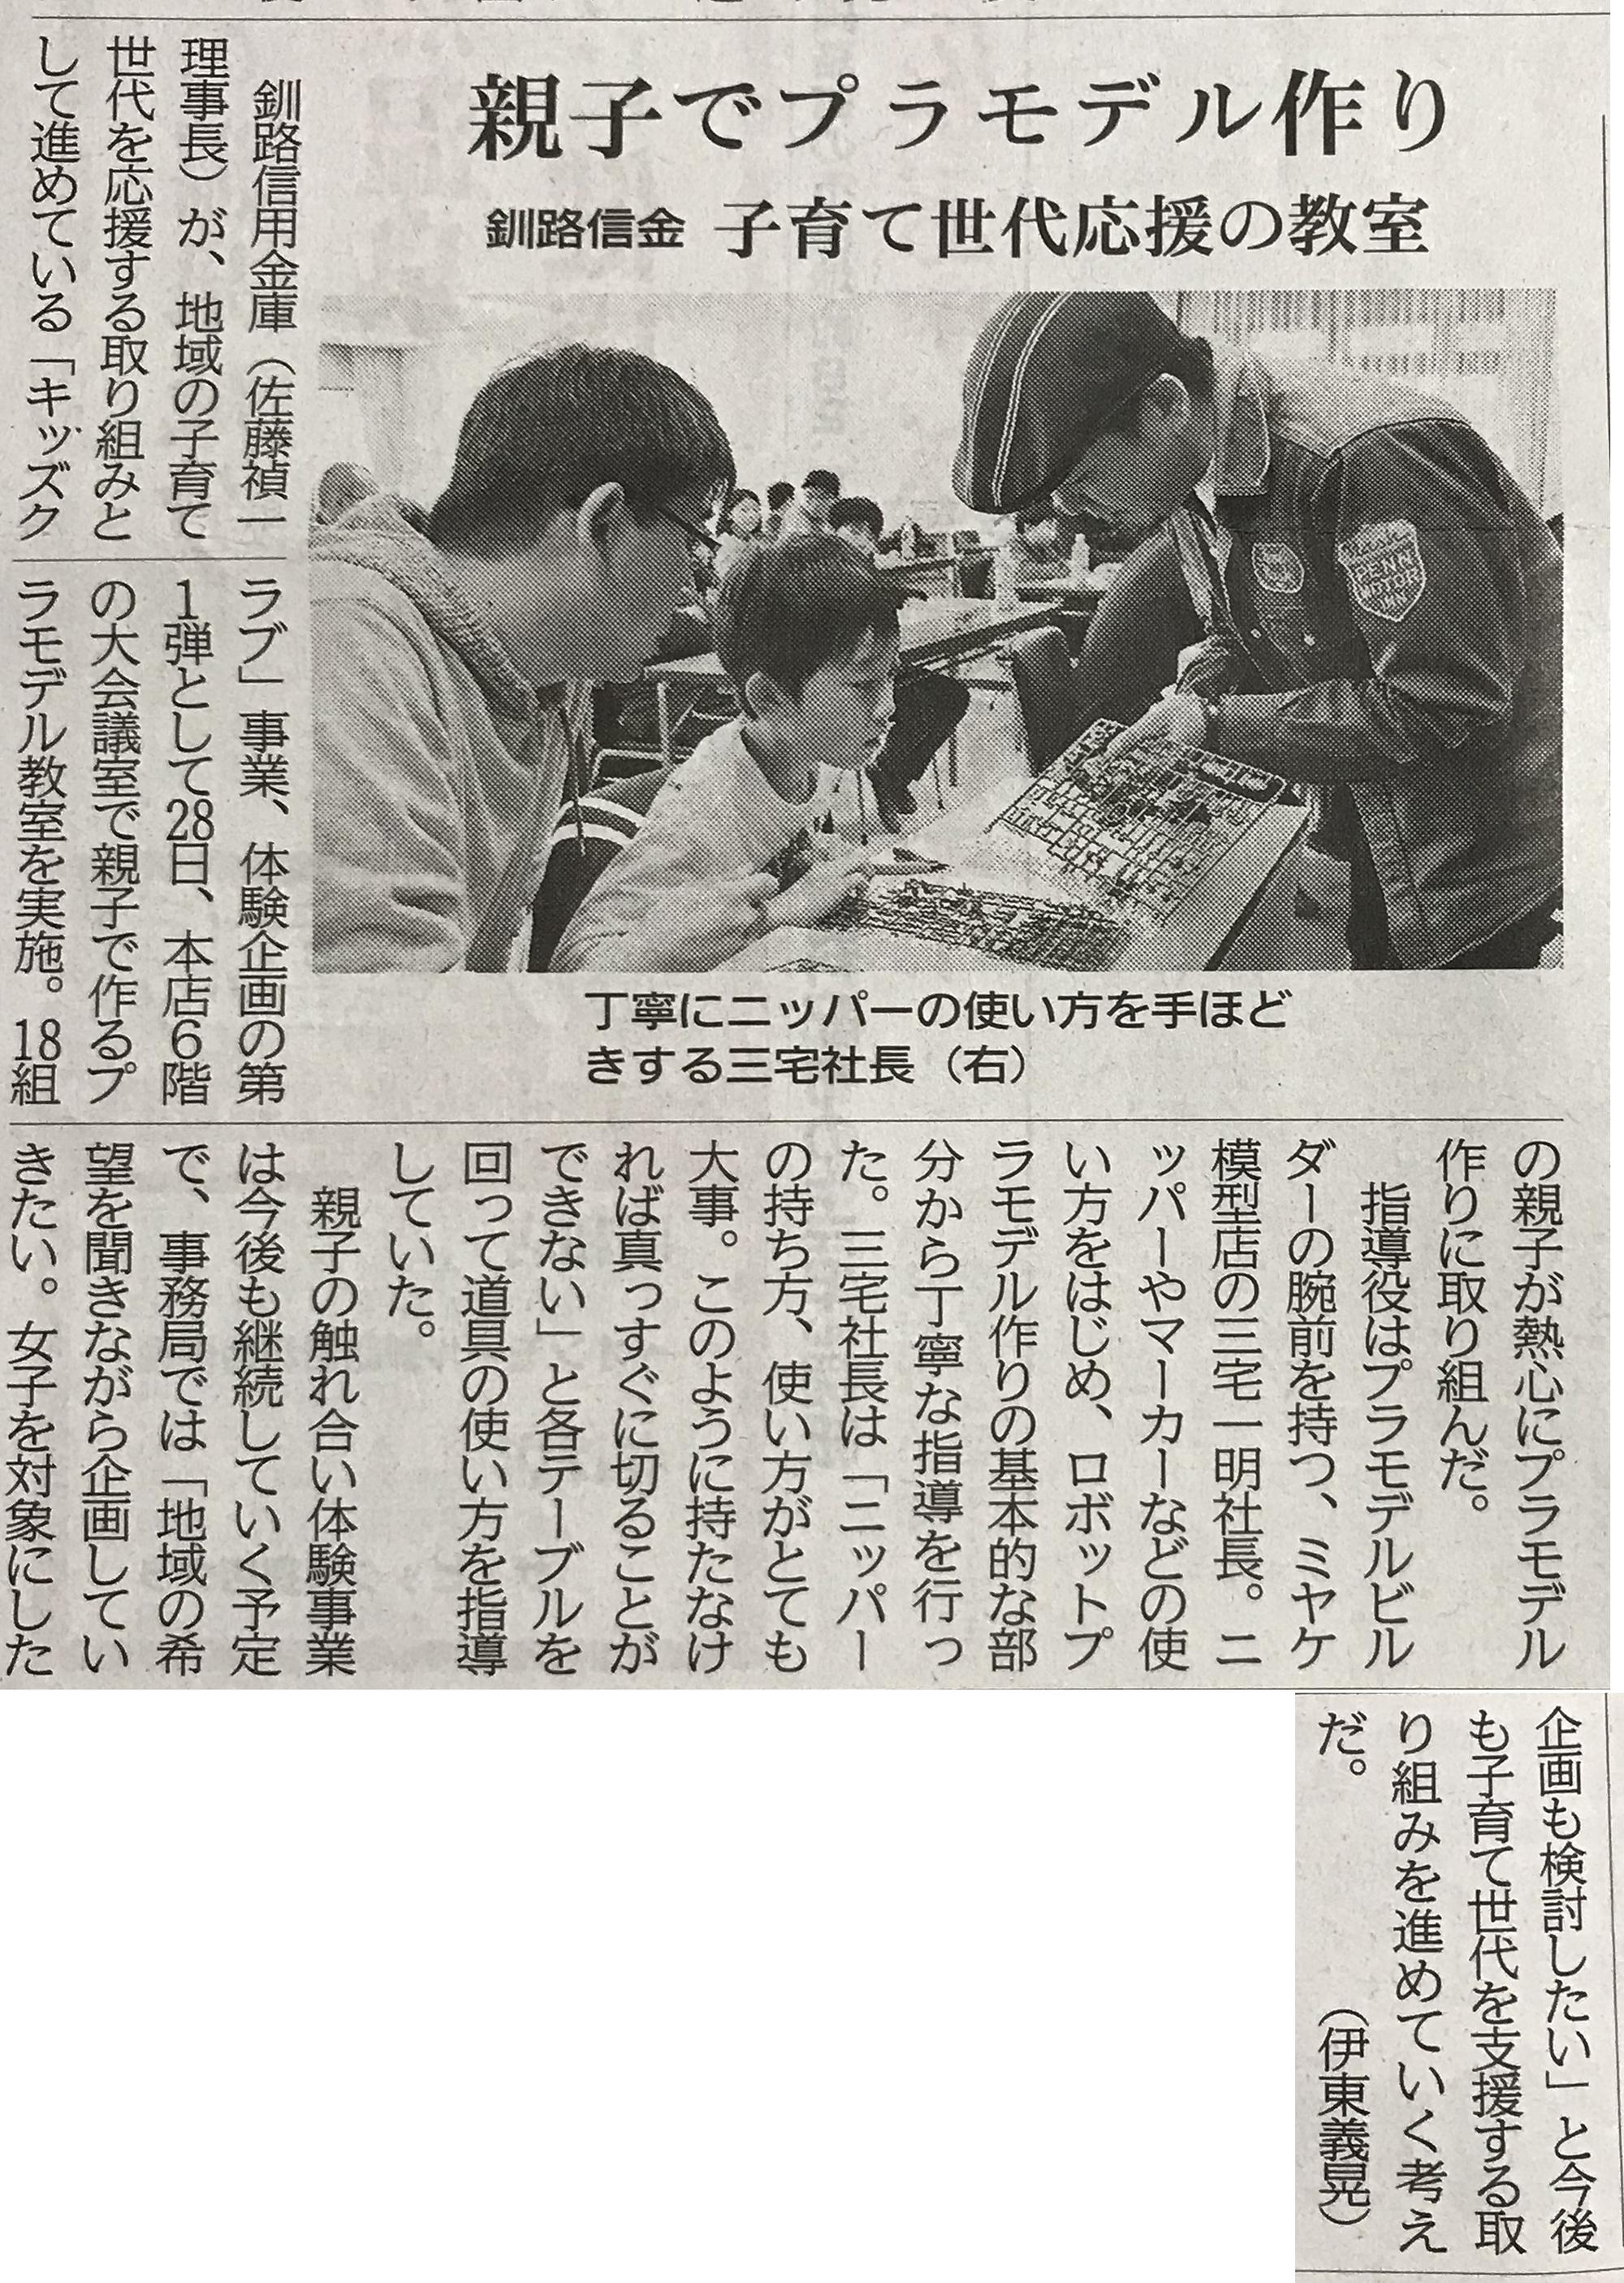 2018-10-29釧路新聞